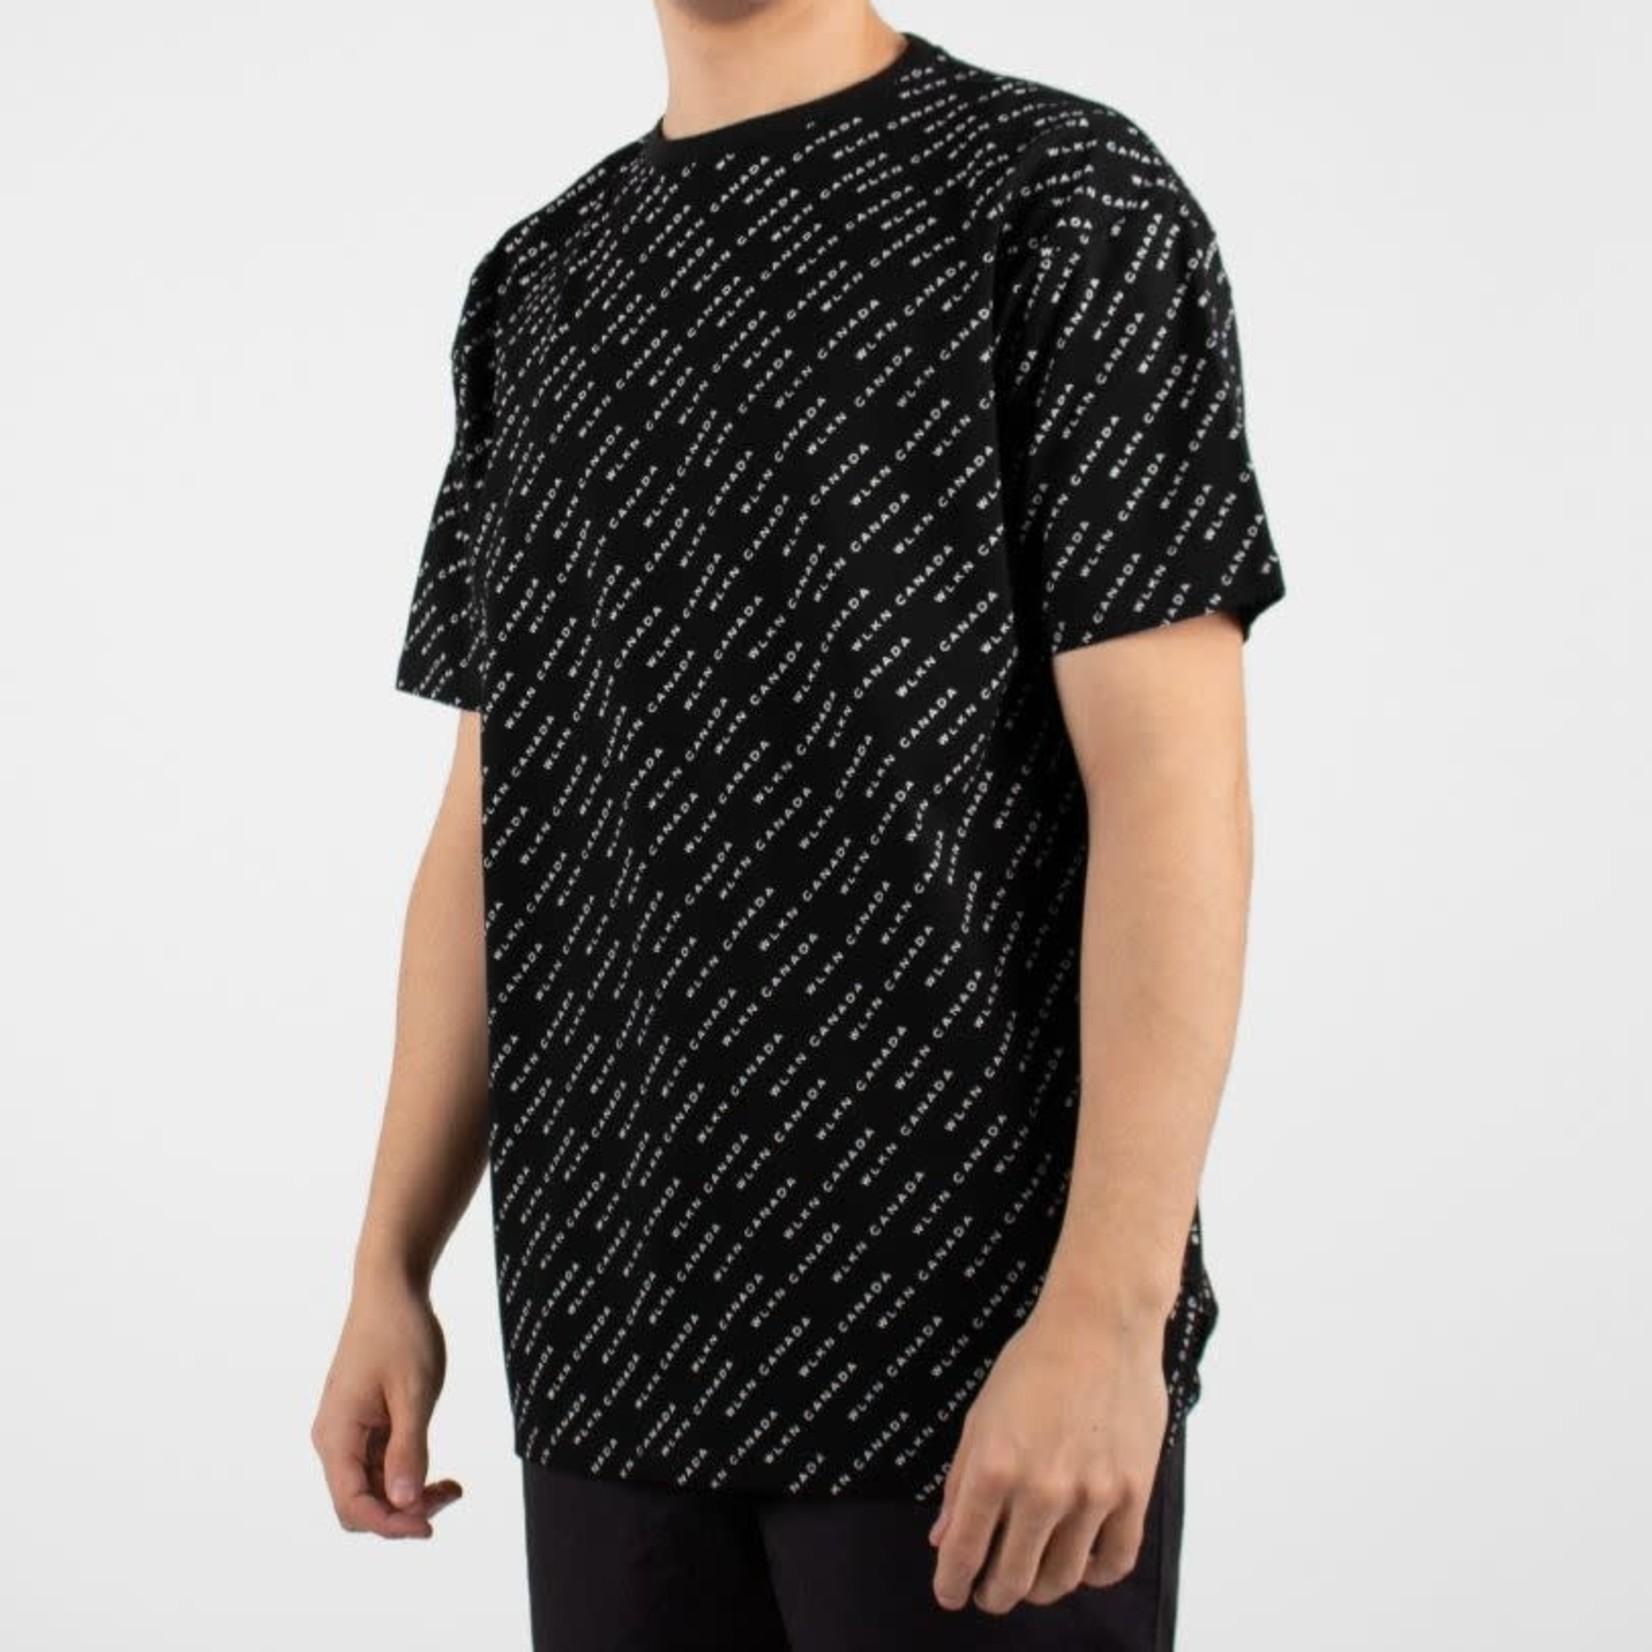 WLKN WLKN : Allover Country T-Shirt